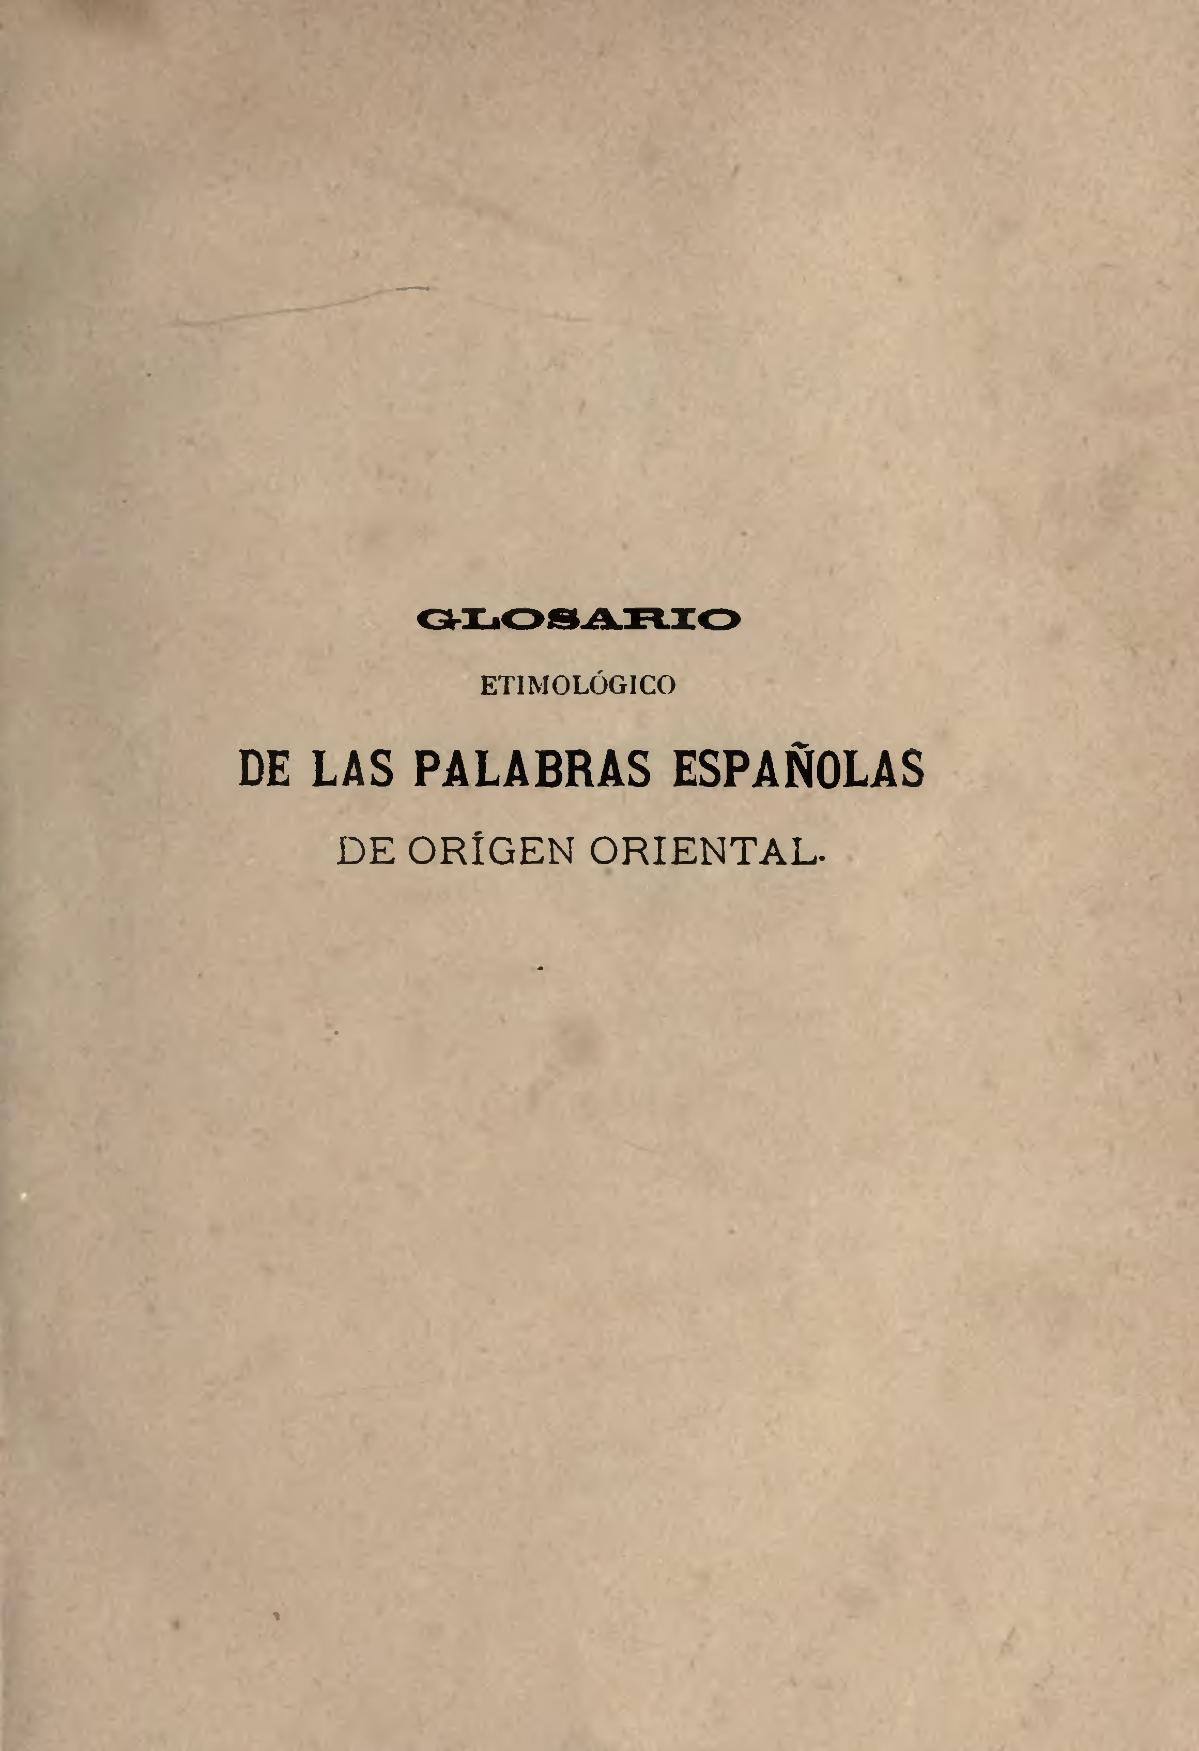 Glosario wikipedia la enciclopedia libre for De donde sacan el marmol